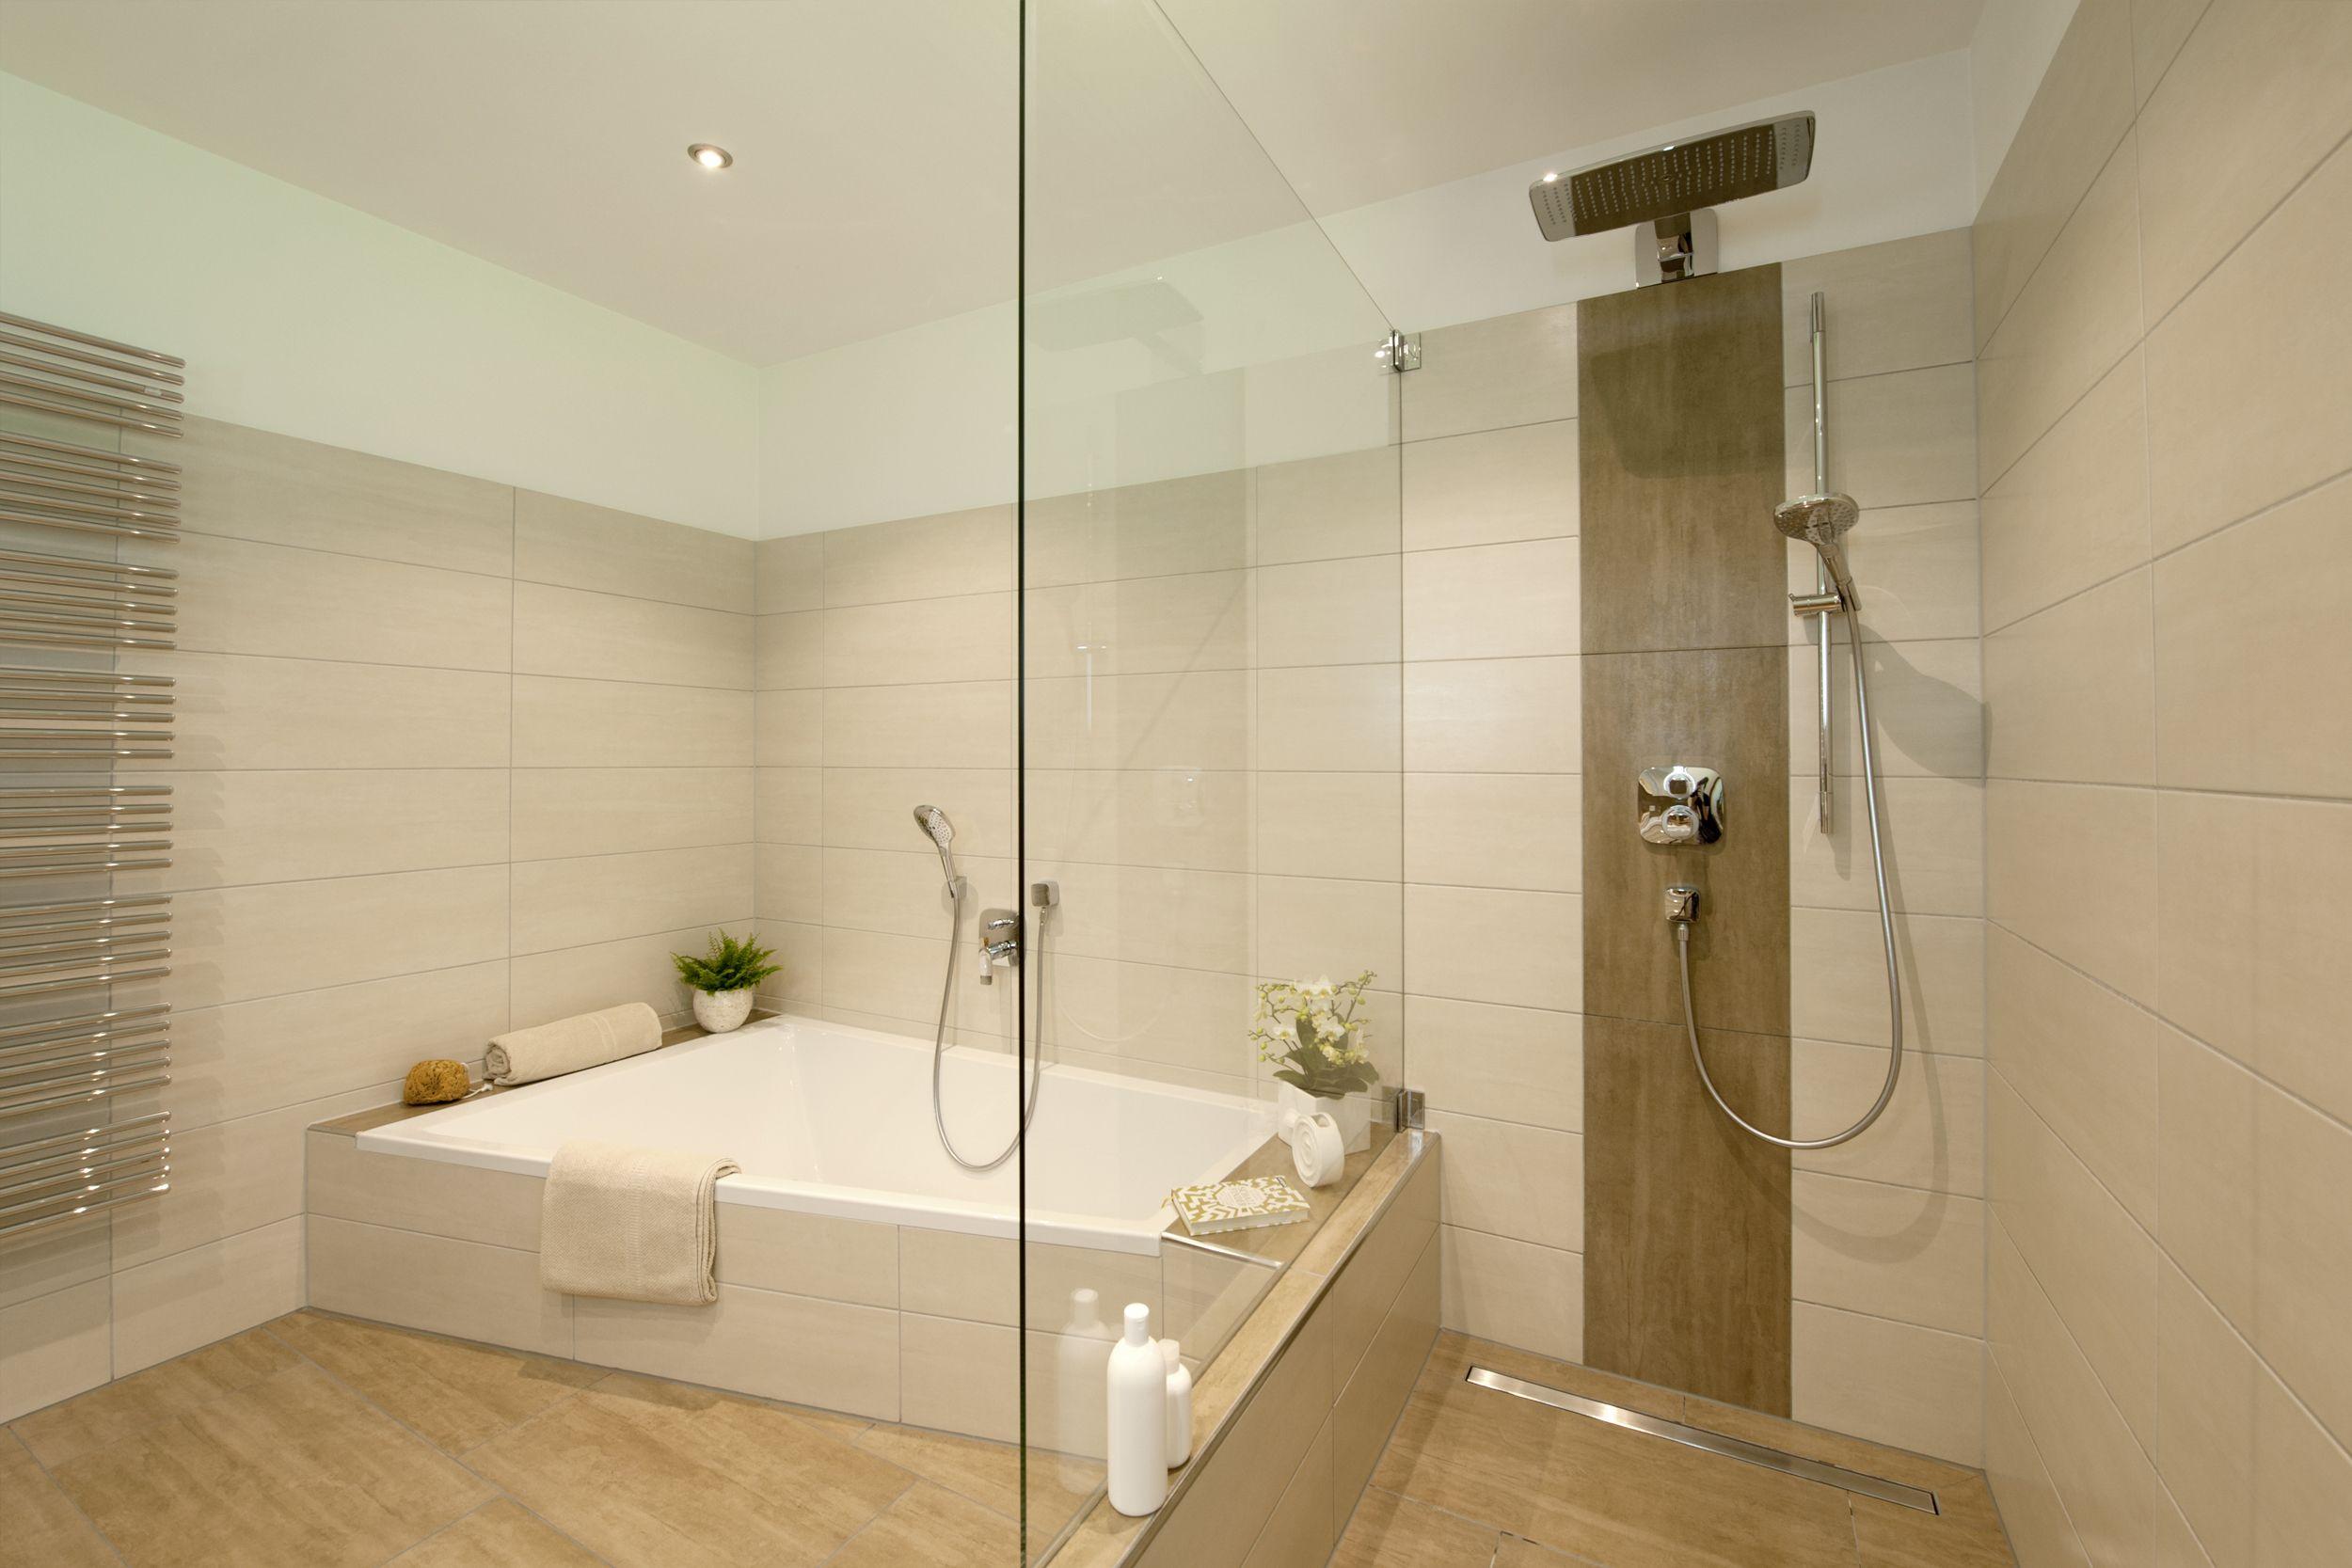 Frei begehbare Dusche mit Thermostatarmatur, Handbrause